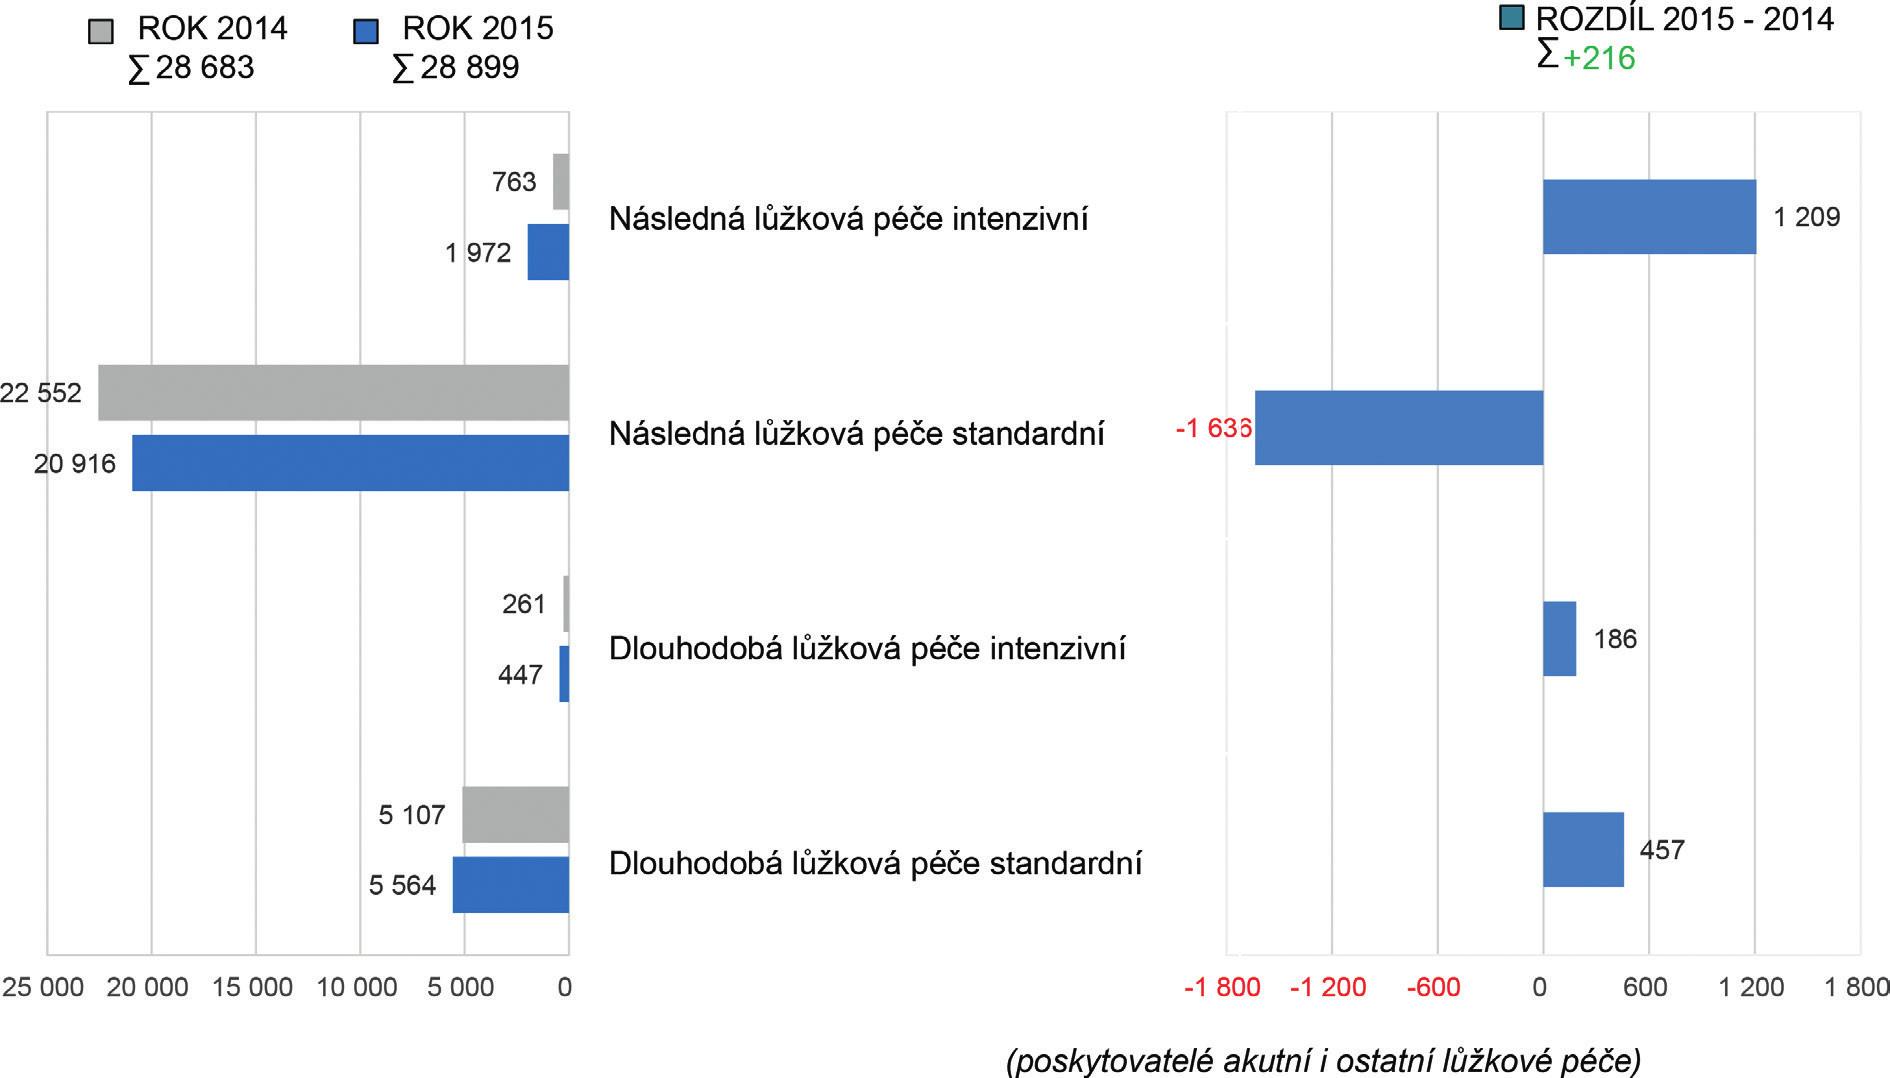 Přehled celkového počtu lůžek pro následnou a dlouhodobou péči